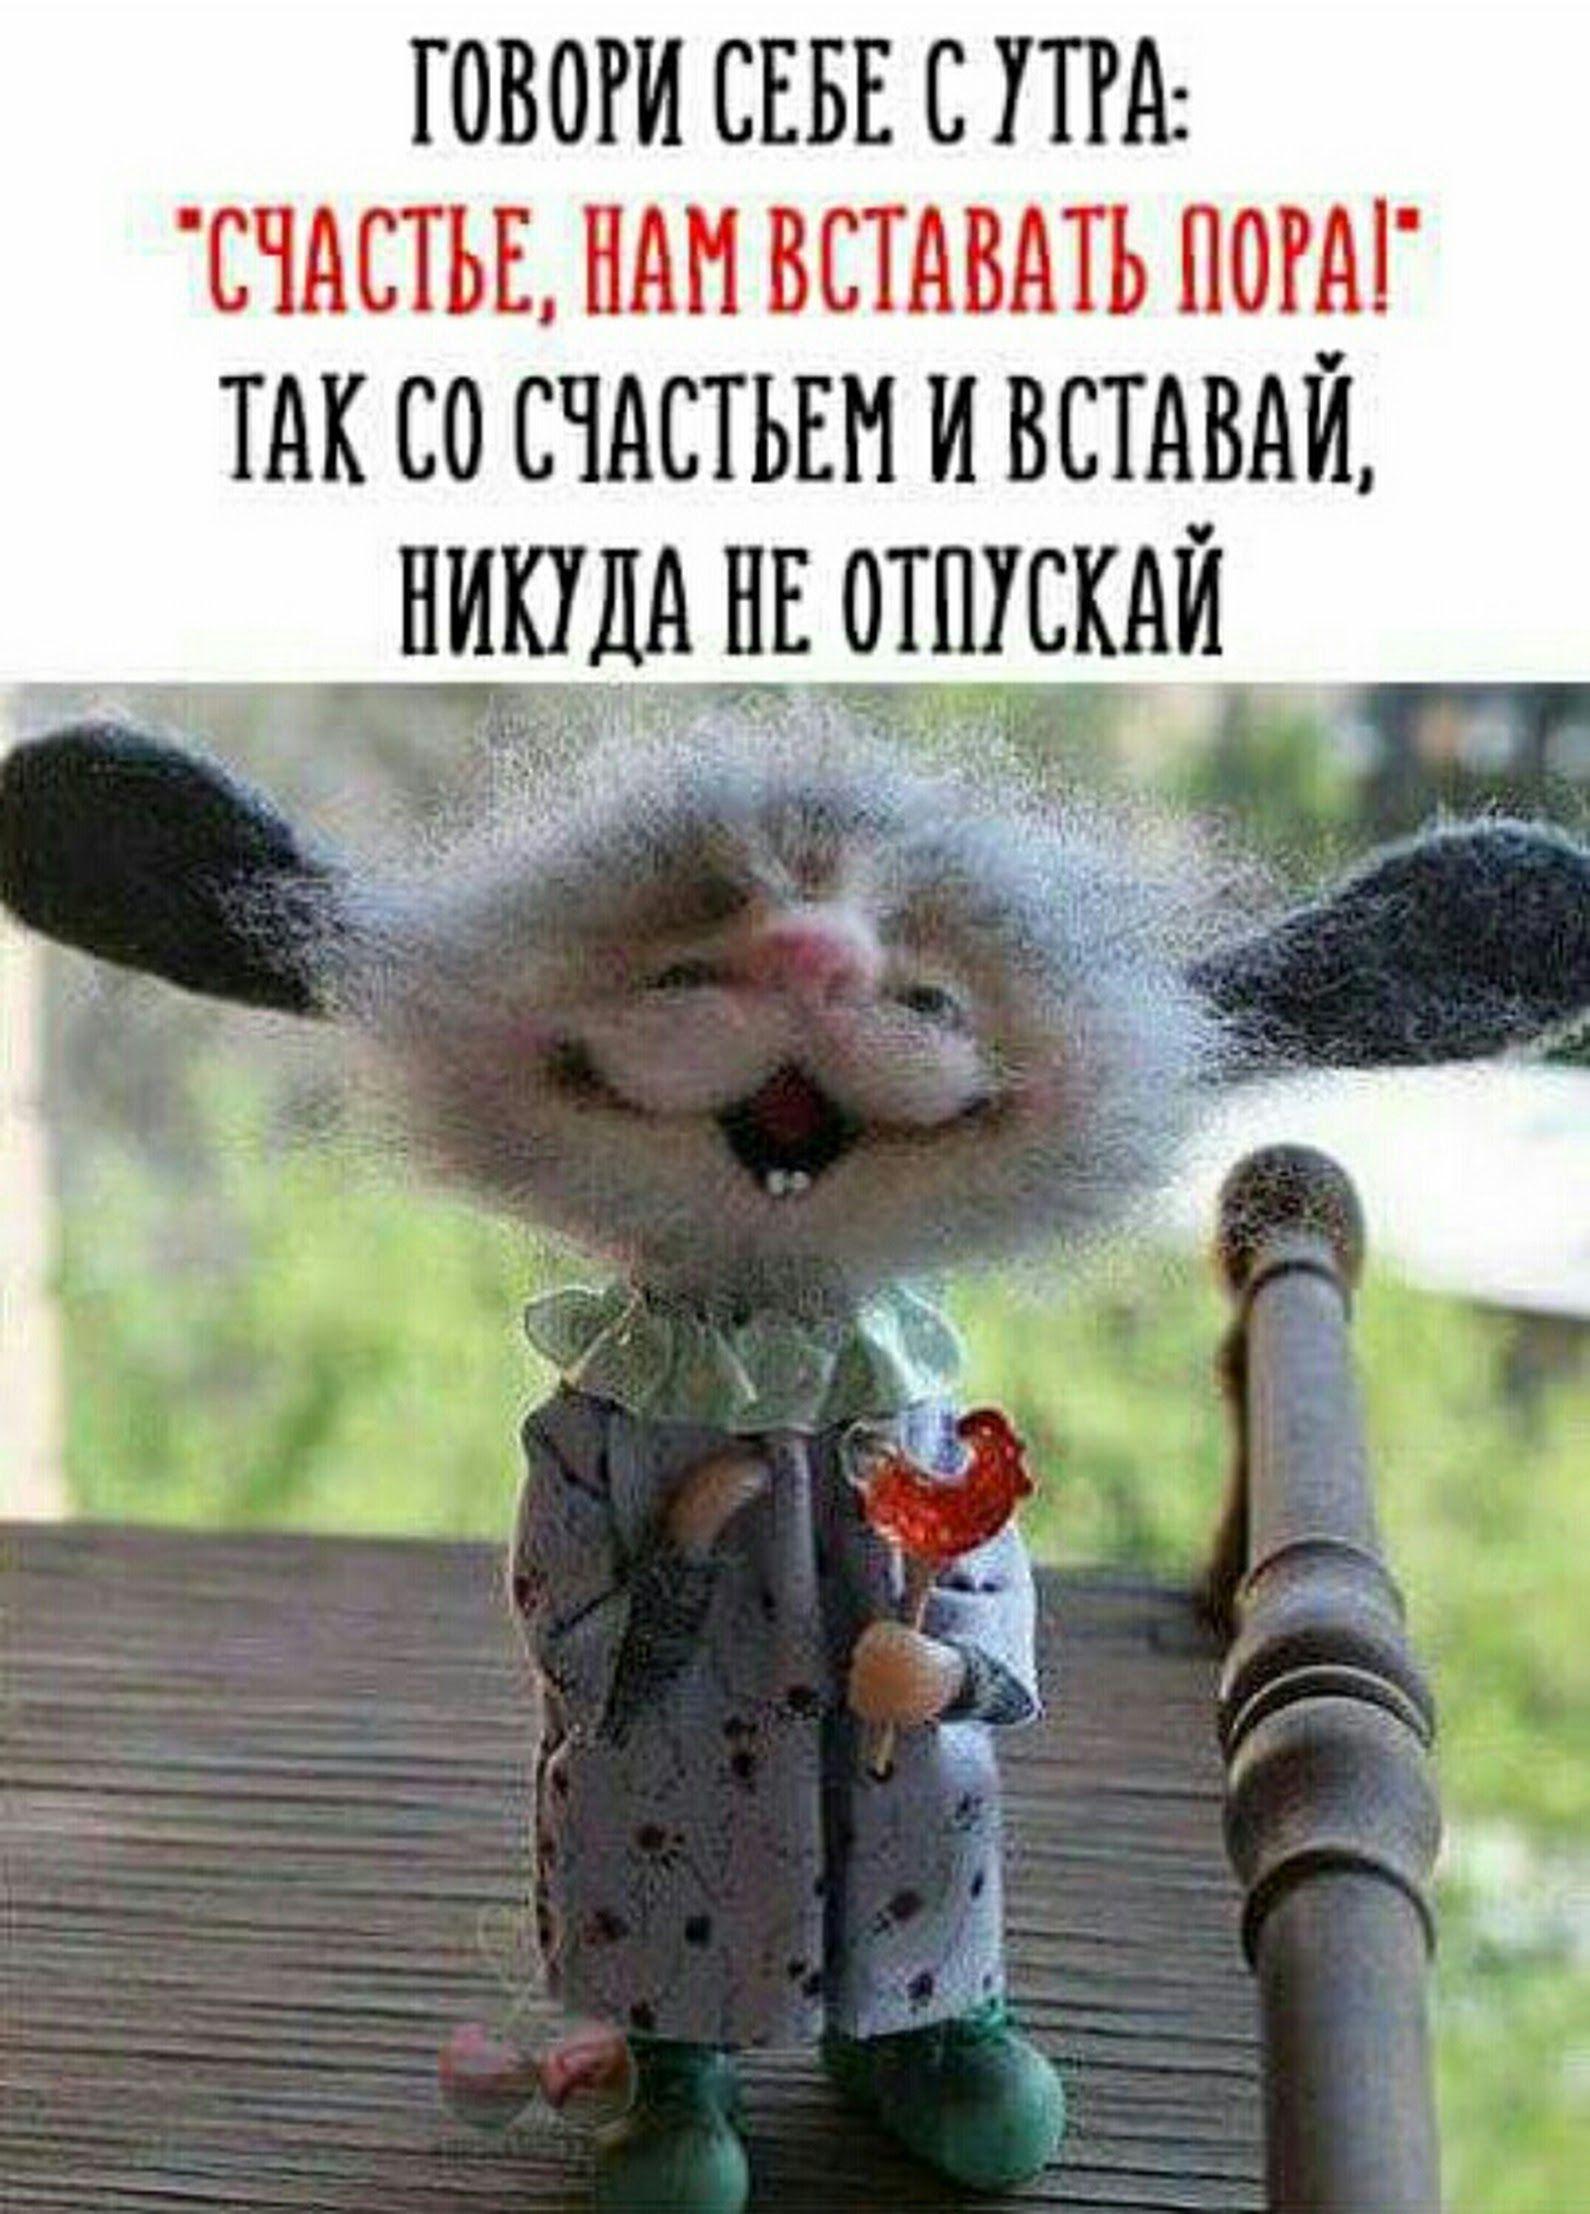 Доброго утра, с новым днем, новым счастьем, друзья ...